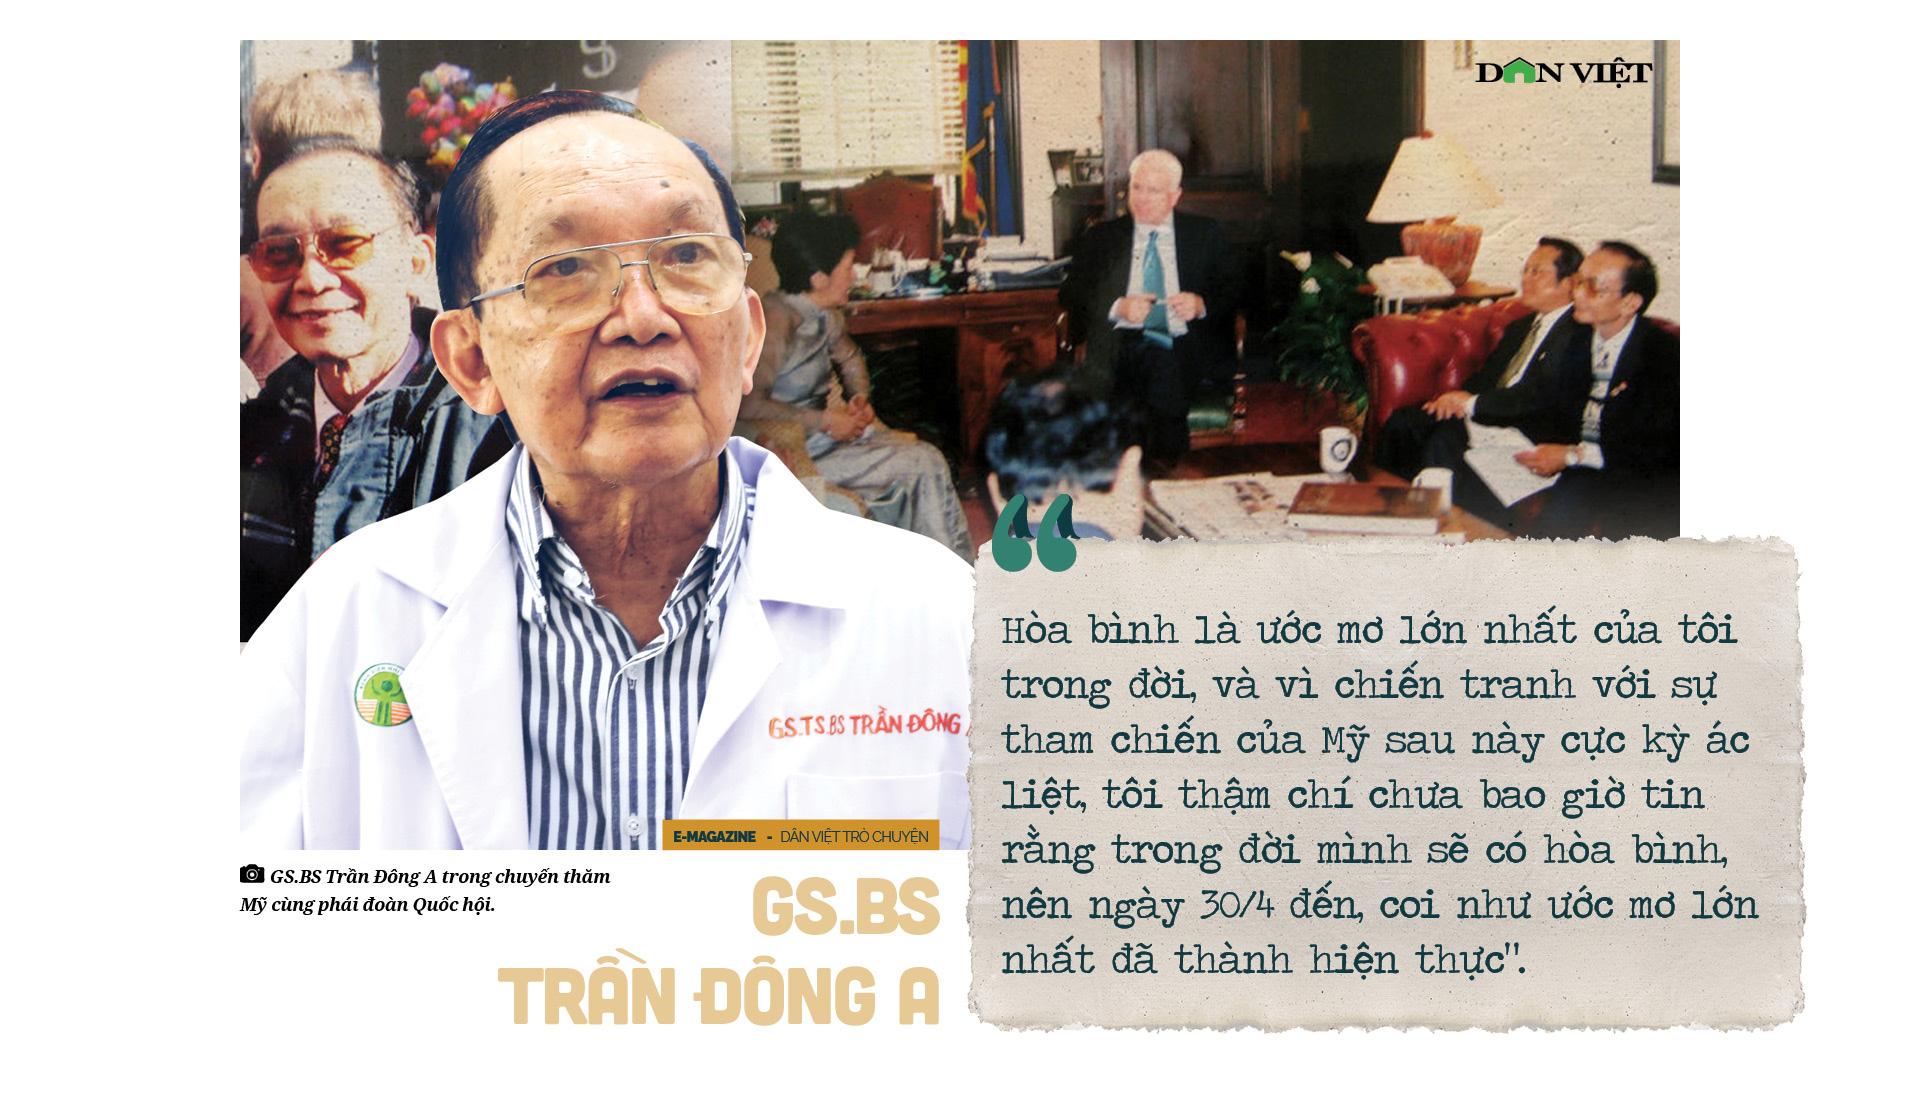 Giáo sư bác sĩ Trần Đông A: Sứ giả hòa giải dân tộc và nụ cười tận hiến - Ảnh 14.